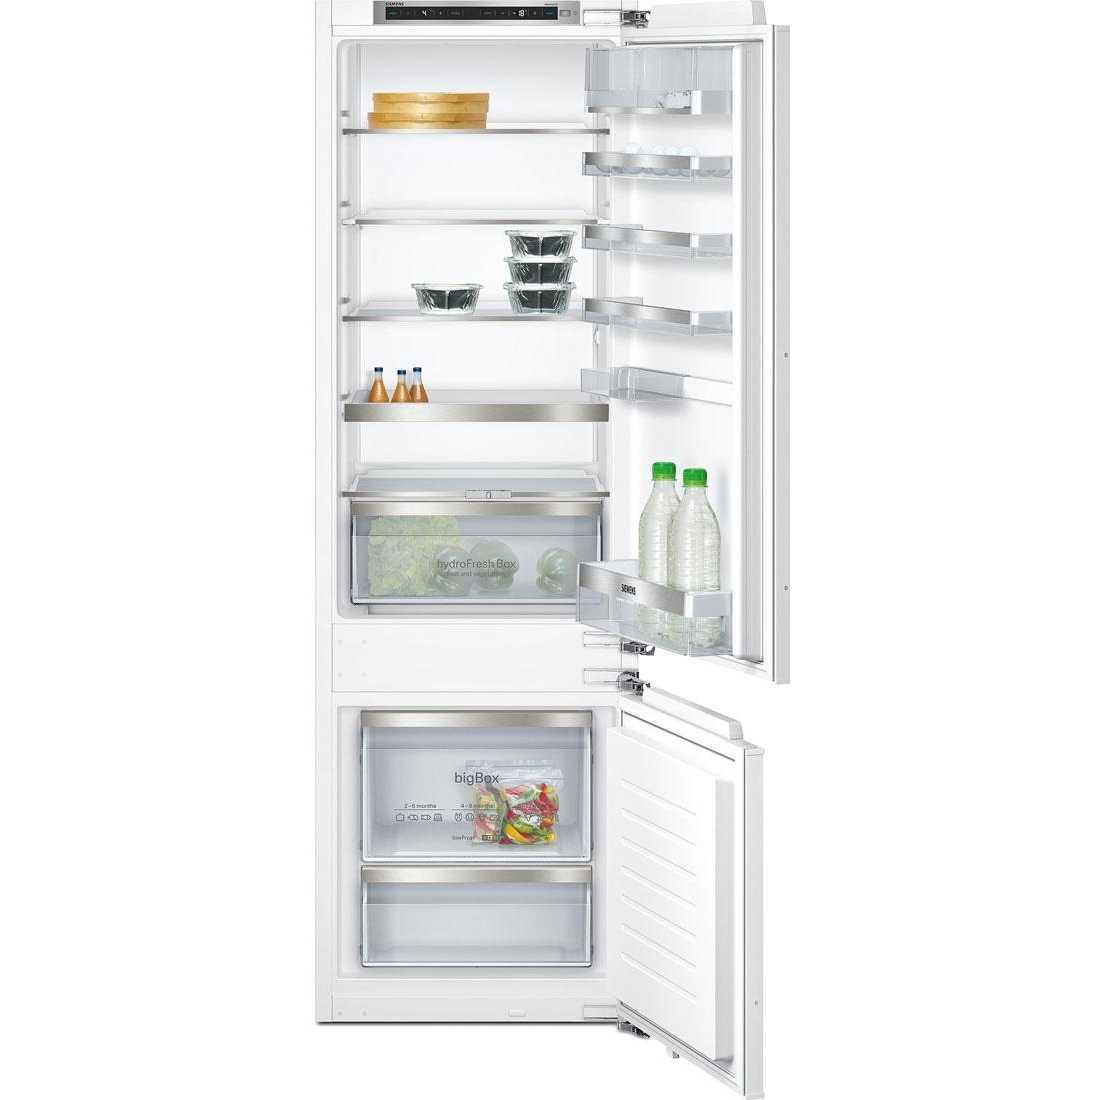 Бытовой холодильник Siemens ki87saf30r